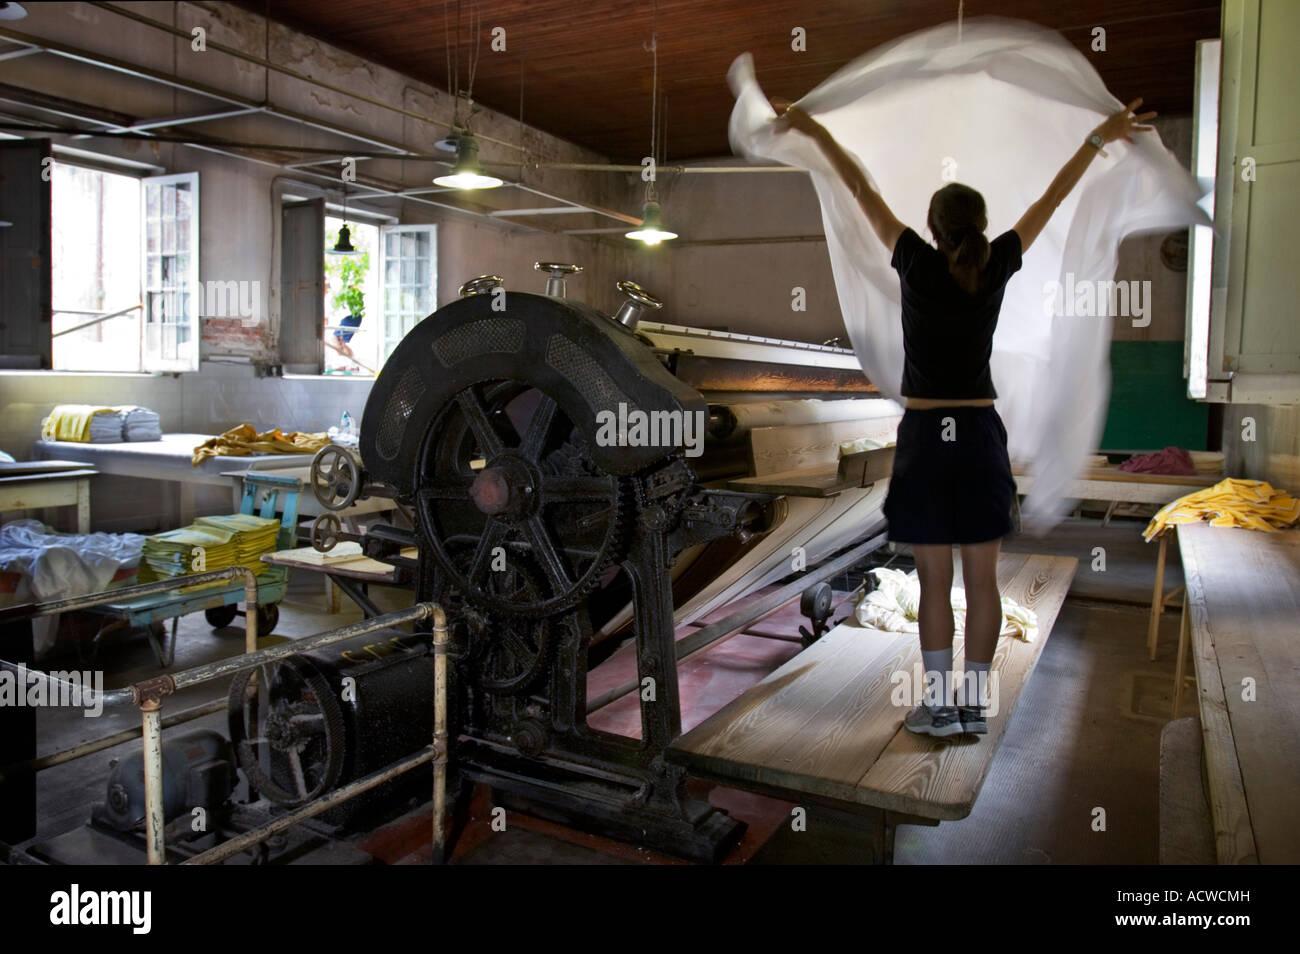 Antique Hotel Laundry Shop Sheet ironing machine - Stock Image